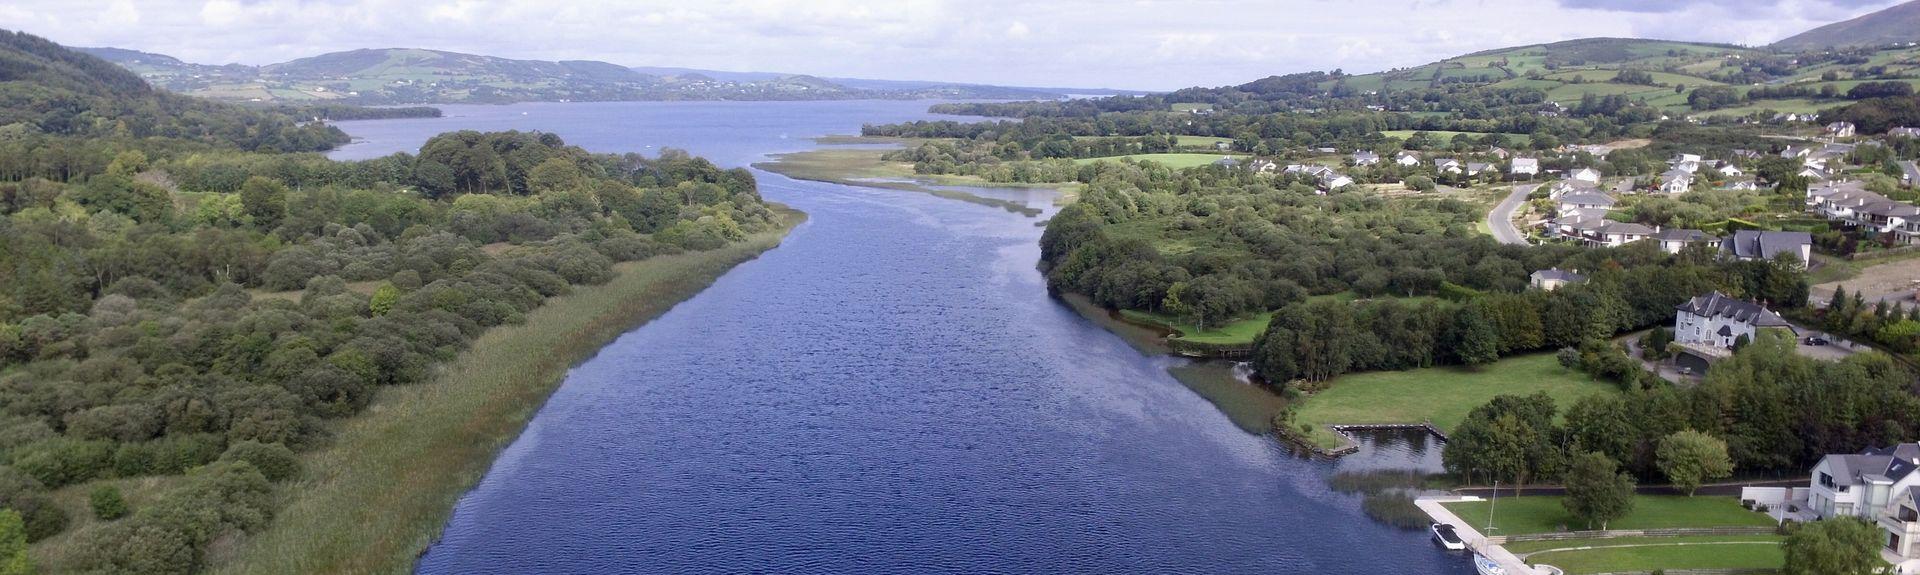 Killaloe, Co. Clare, Ireland